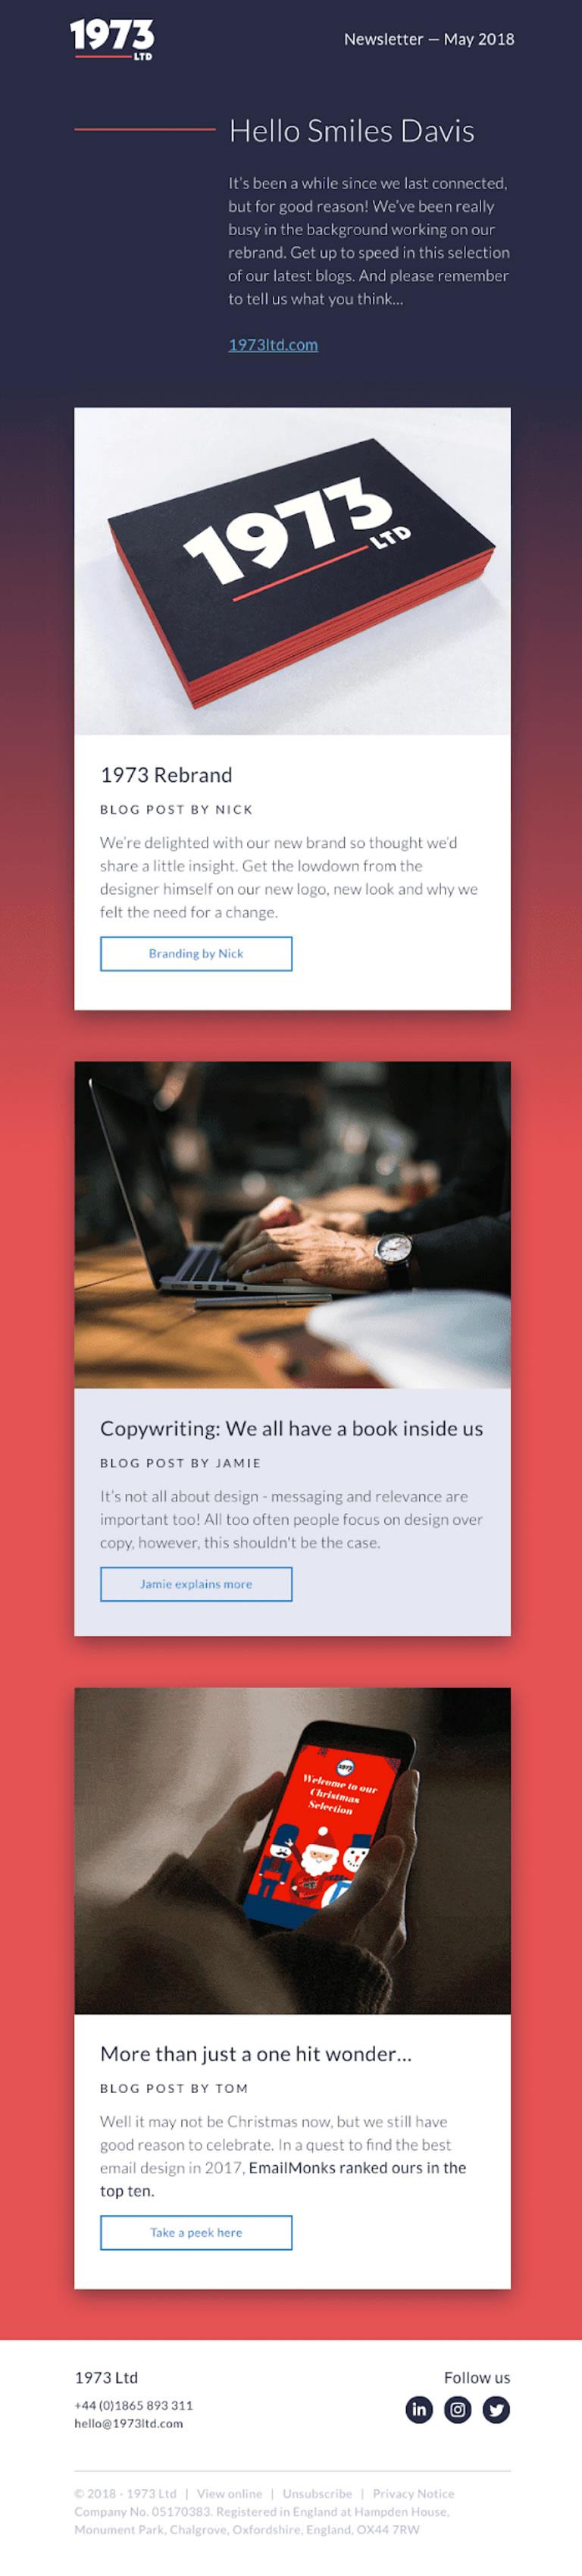 optimizar el ROI de tus campañas: diseño responsive